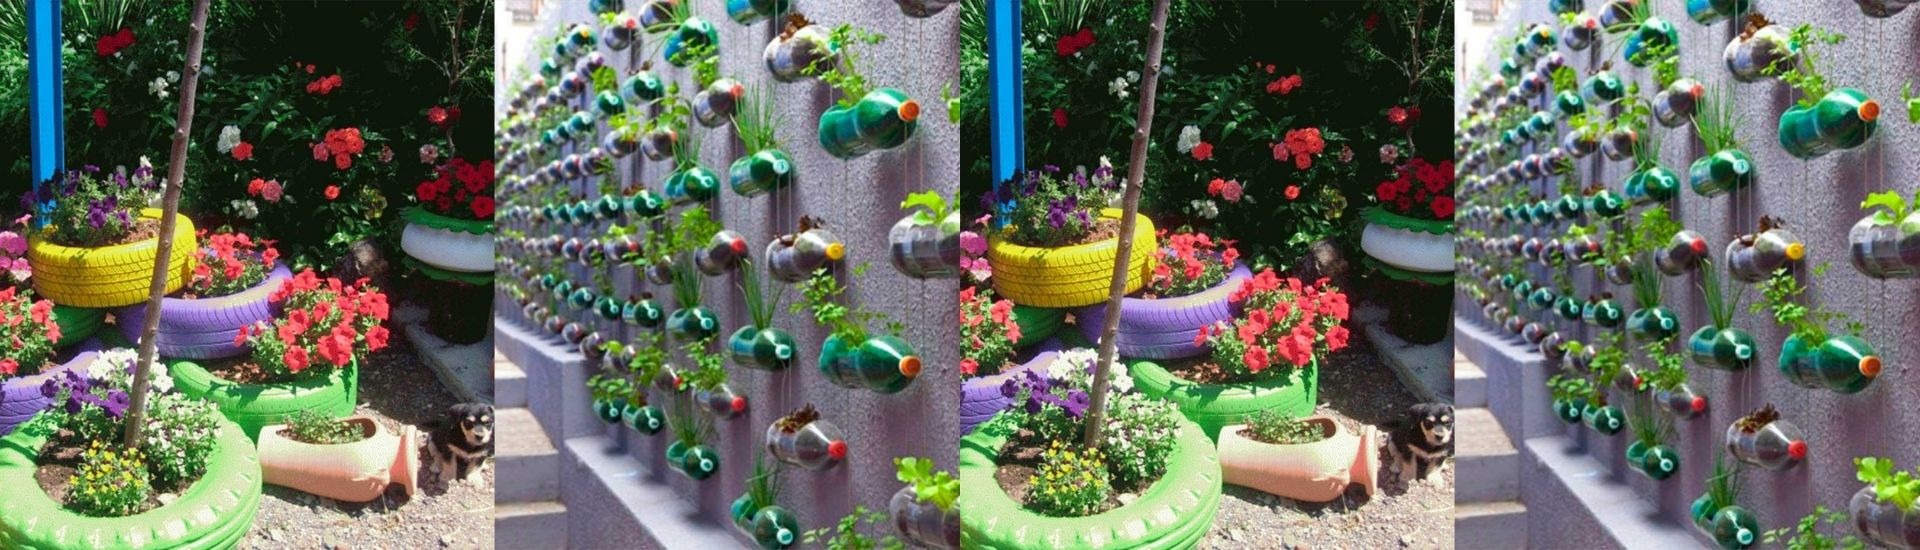 7 Increíbles Ideas Para Construir Huertos Escolares Con Materiales Reciclados Elige Educar